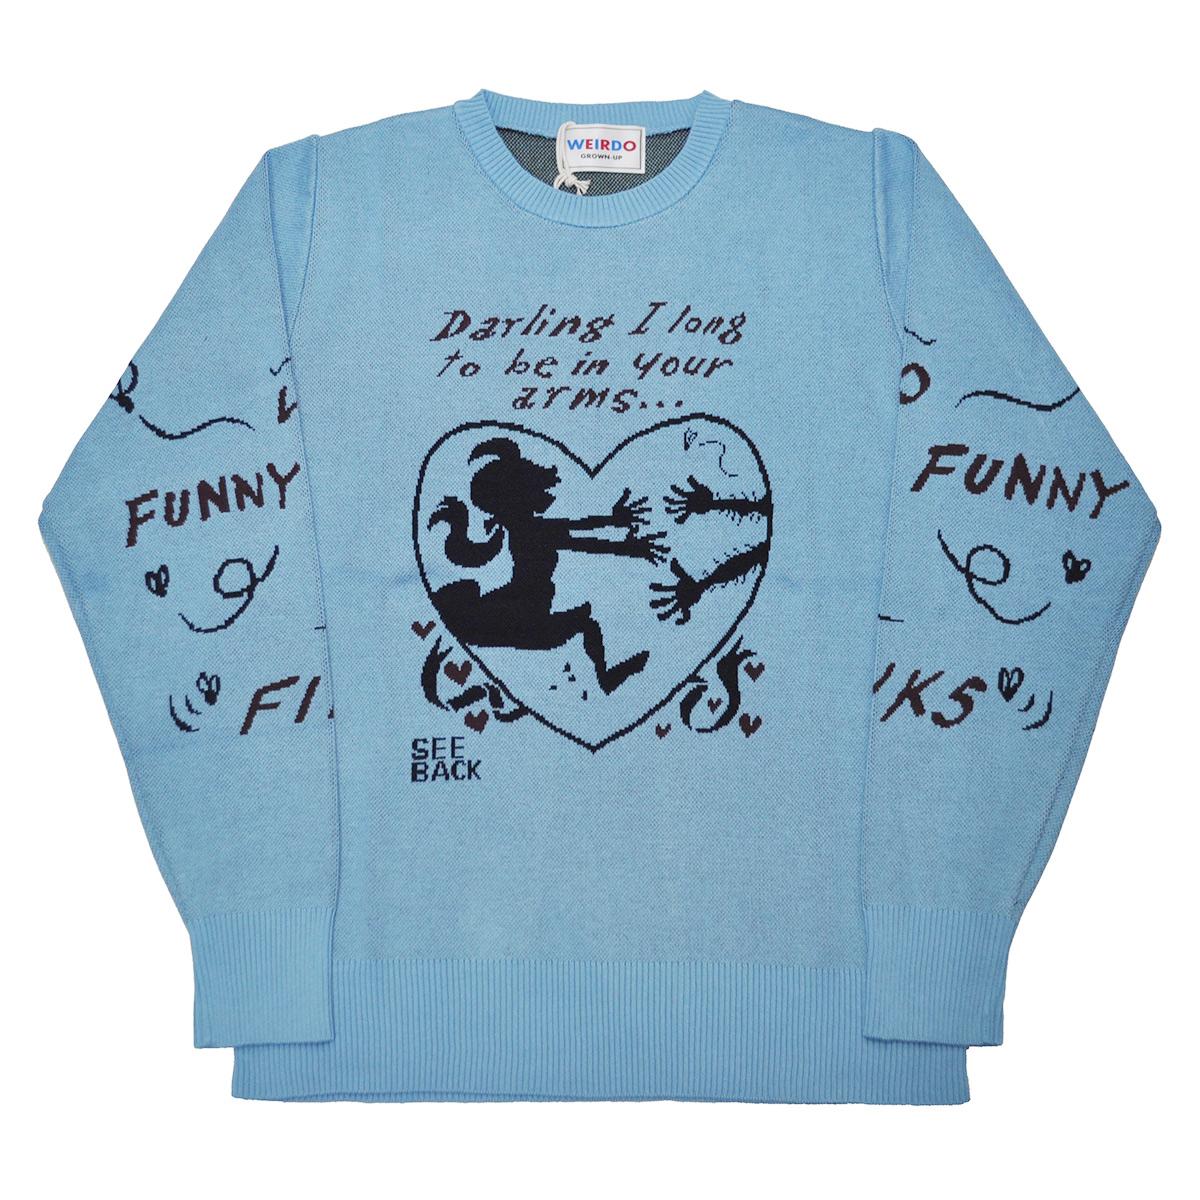 【残りLサイズのみ】WEIRDO FUNNY LOVE - SWEATER (SAX)ウィアード ジャガードセーター/GLADHAND【GANGSTERVILLE/ギャングスタービル/OLD CROW/オールドクロウ】